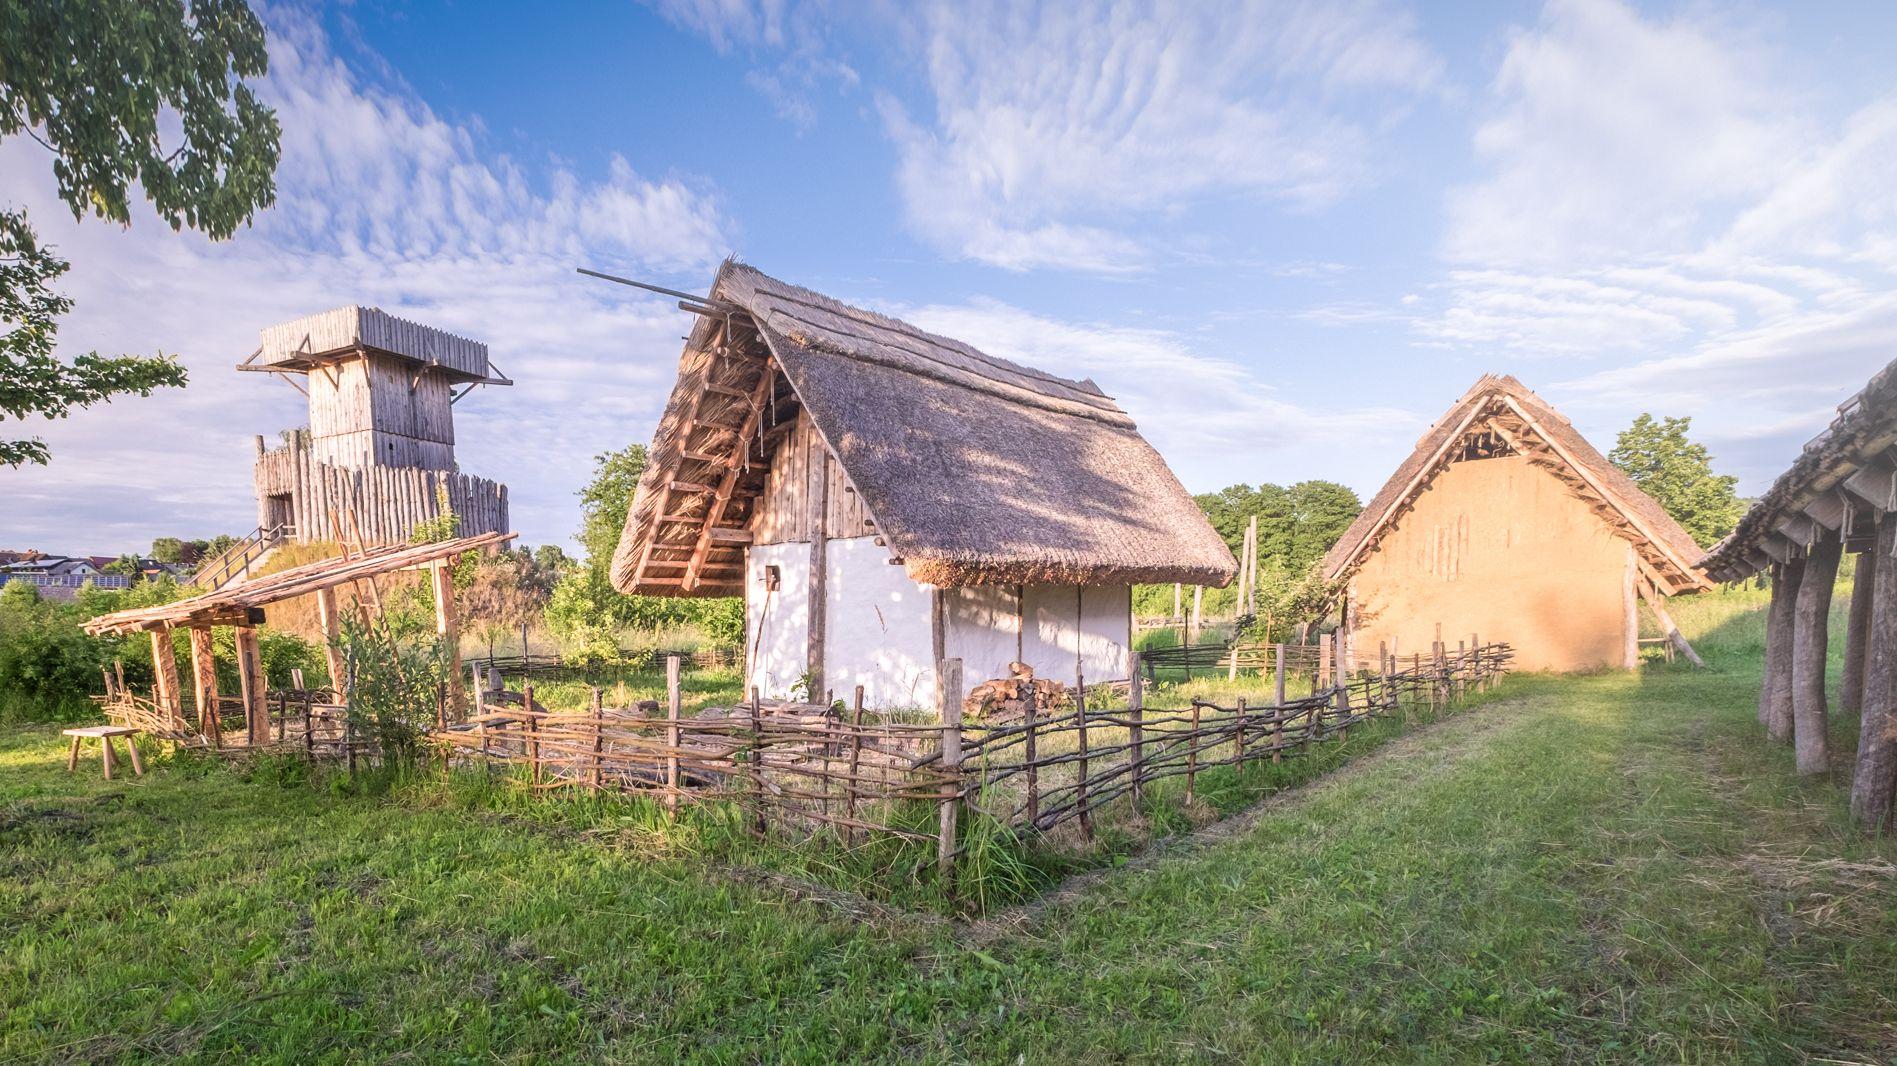 Im archäologischen Freilandmuseum Bärnau-Tachov werden Wohngebäude und andere mittelalterliche Gebäude originalgetreu rekonstruiert.